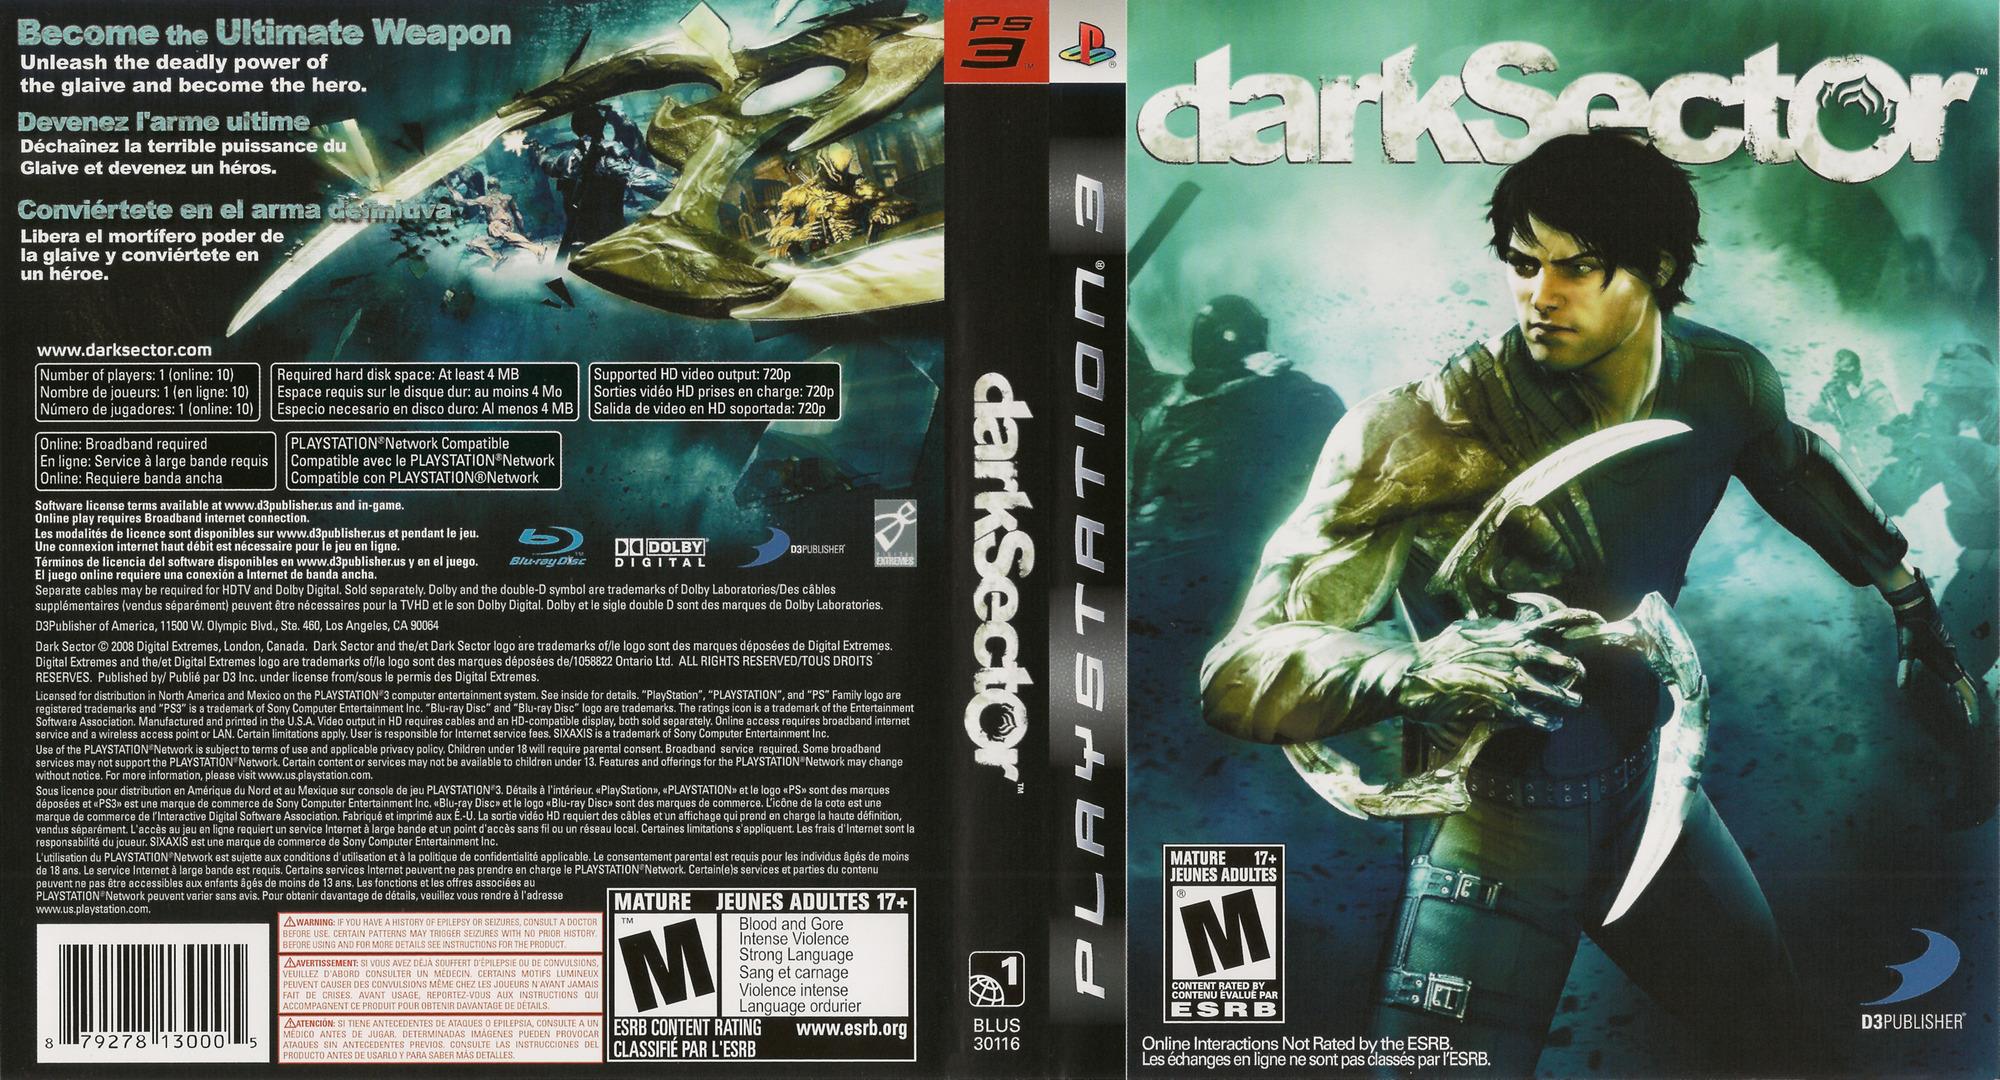 BLUS30116 - Dark Sector